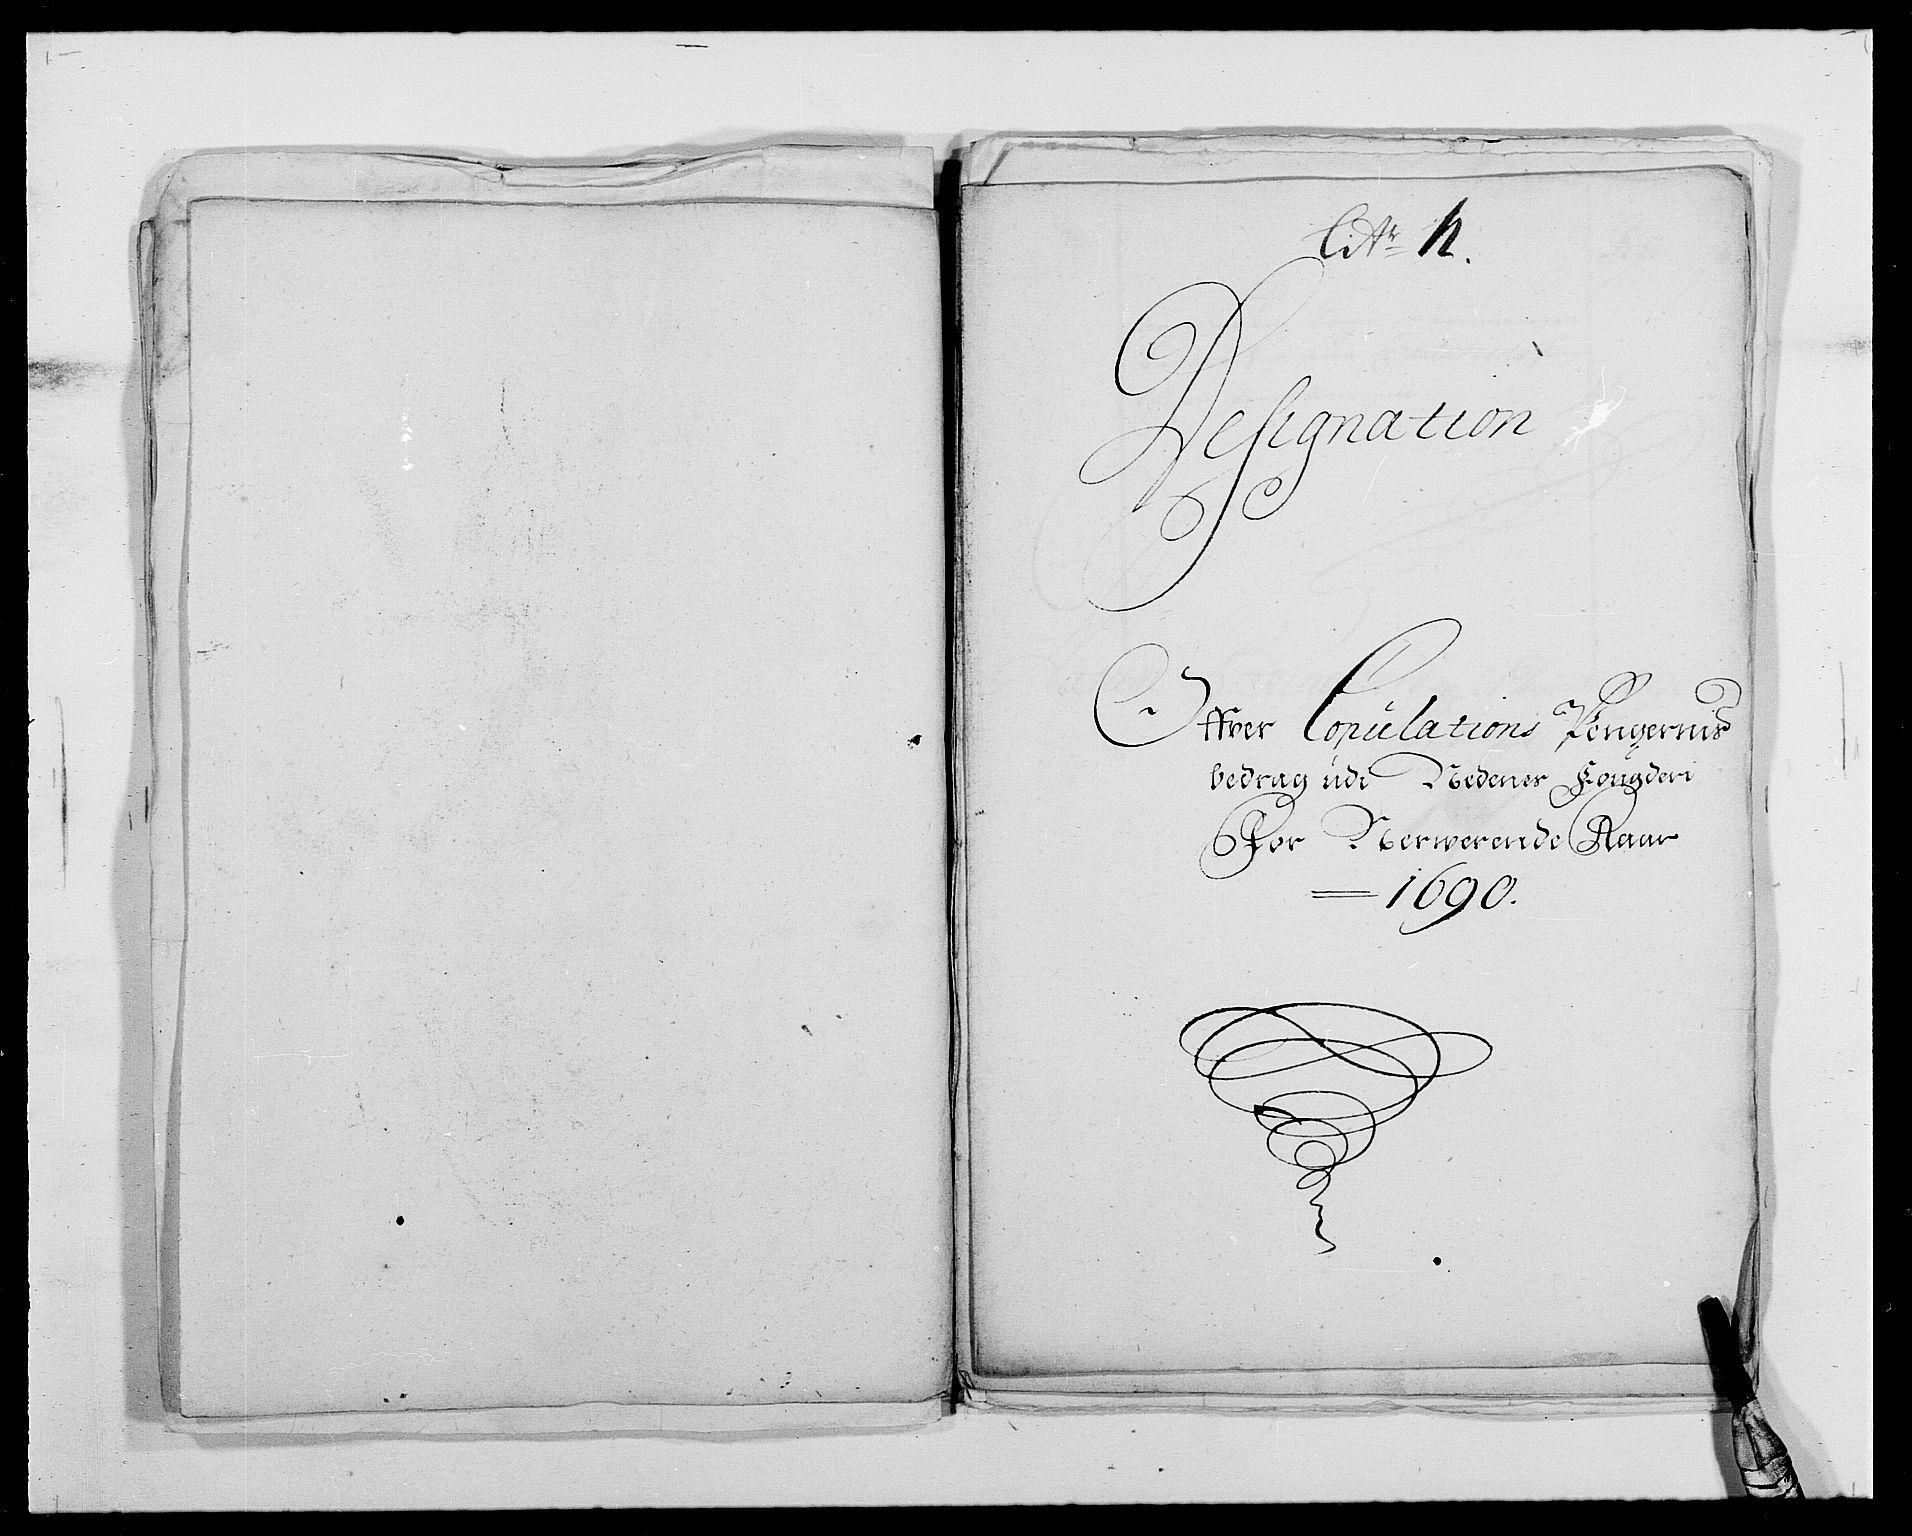 RA, Rentekammeret inntil 1814, Reviderte regnskaper, Fogderegnskap, R39/L2310: Fogderegnskap Nedenes, 1690-1692, s. 261